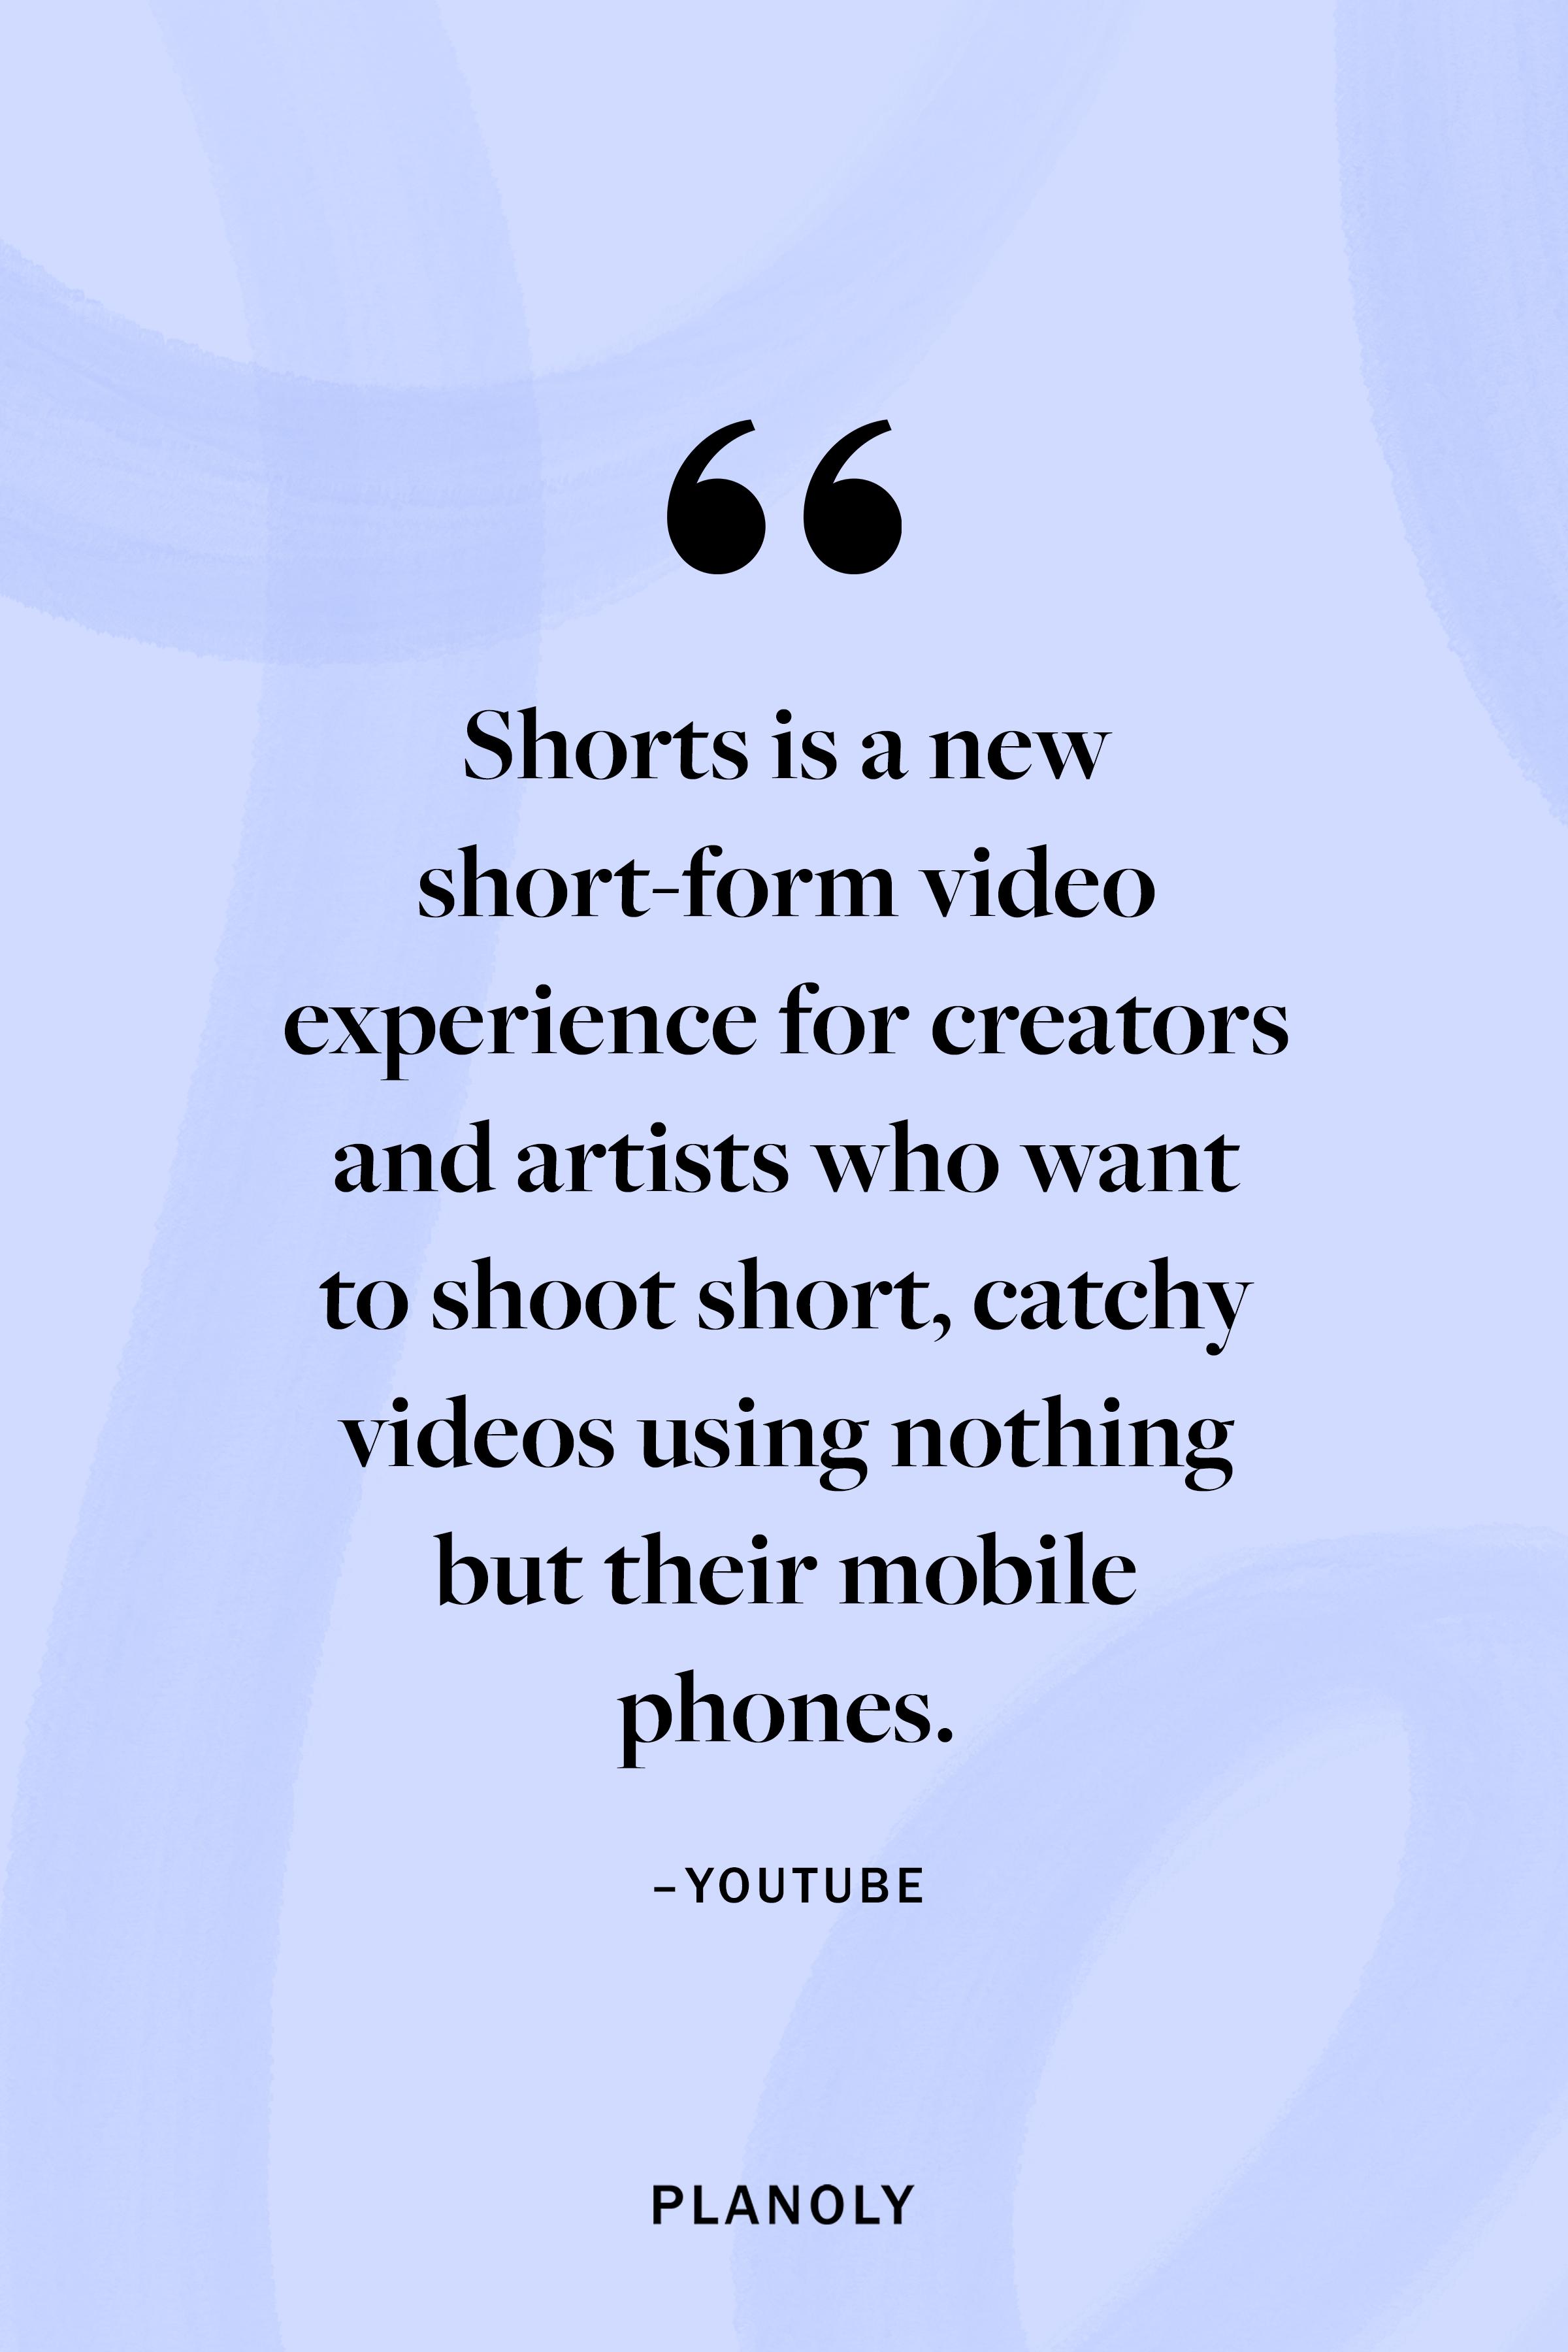 PLANOLY - Blog Post - YouTube Shorts - Image 2